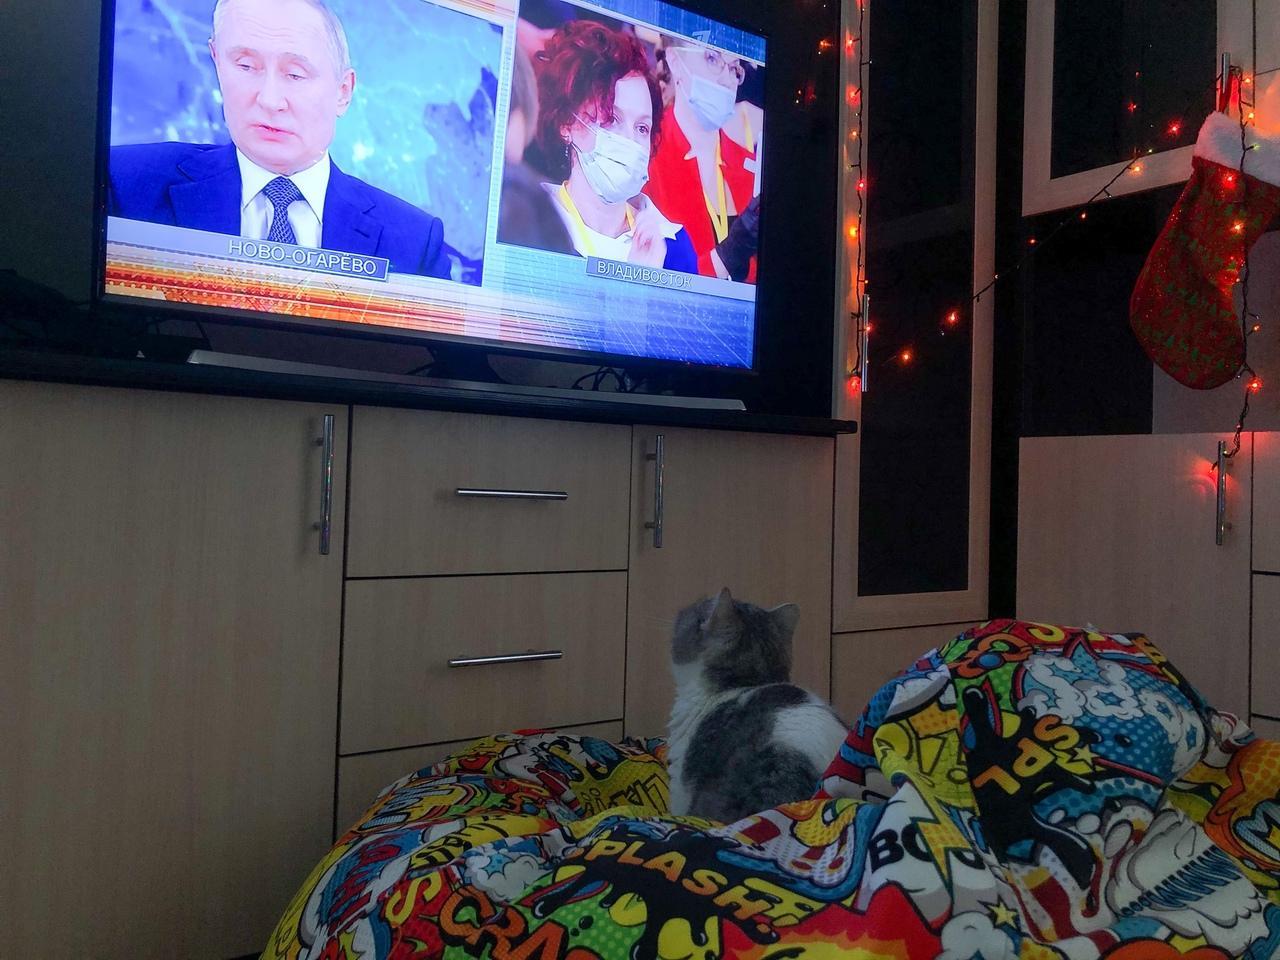 Фото Путин на экране: как котики, депутаты и дольщики в Новосибирске смотрят большую пресс-конференцию президента 10